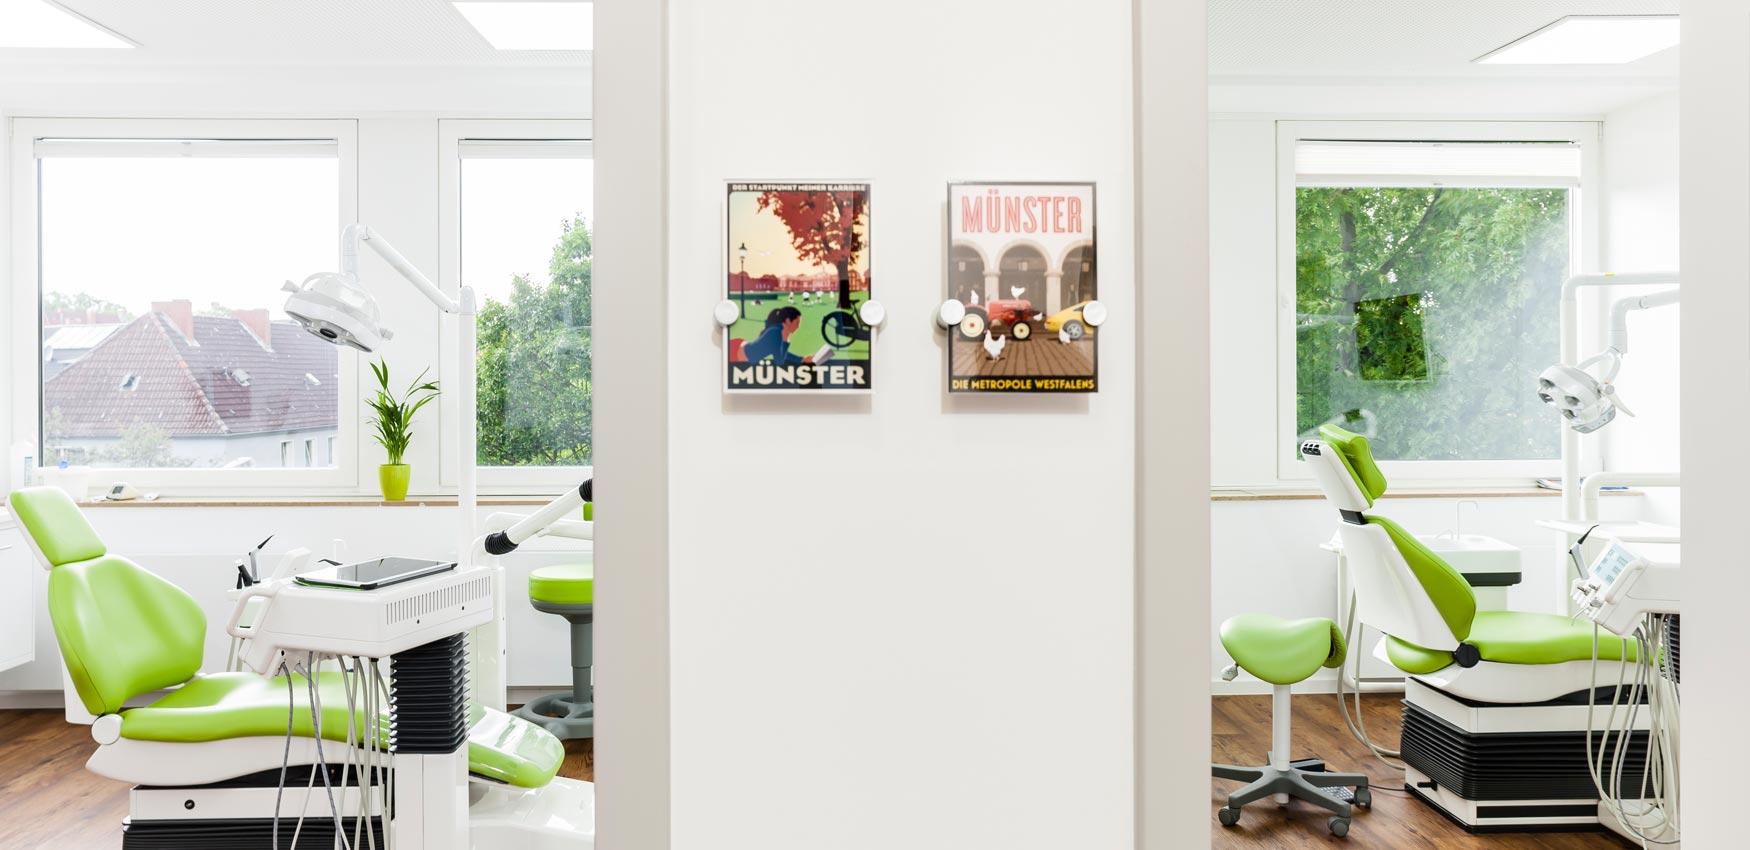 Behandlungsräume in der Zahnarztpraxis Pierchalla in Münster